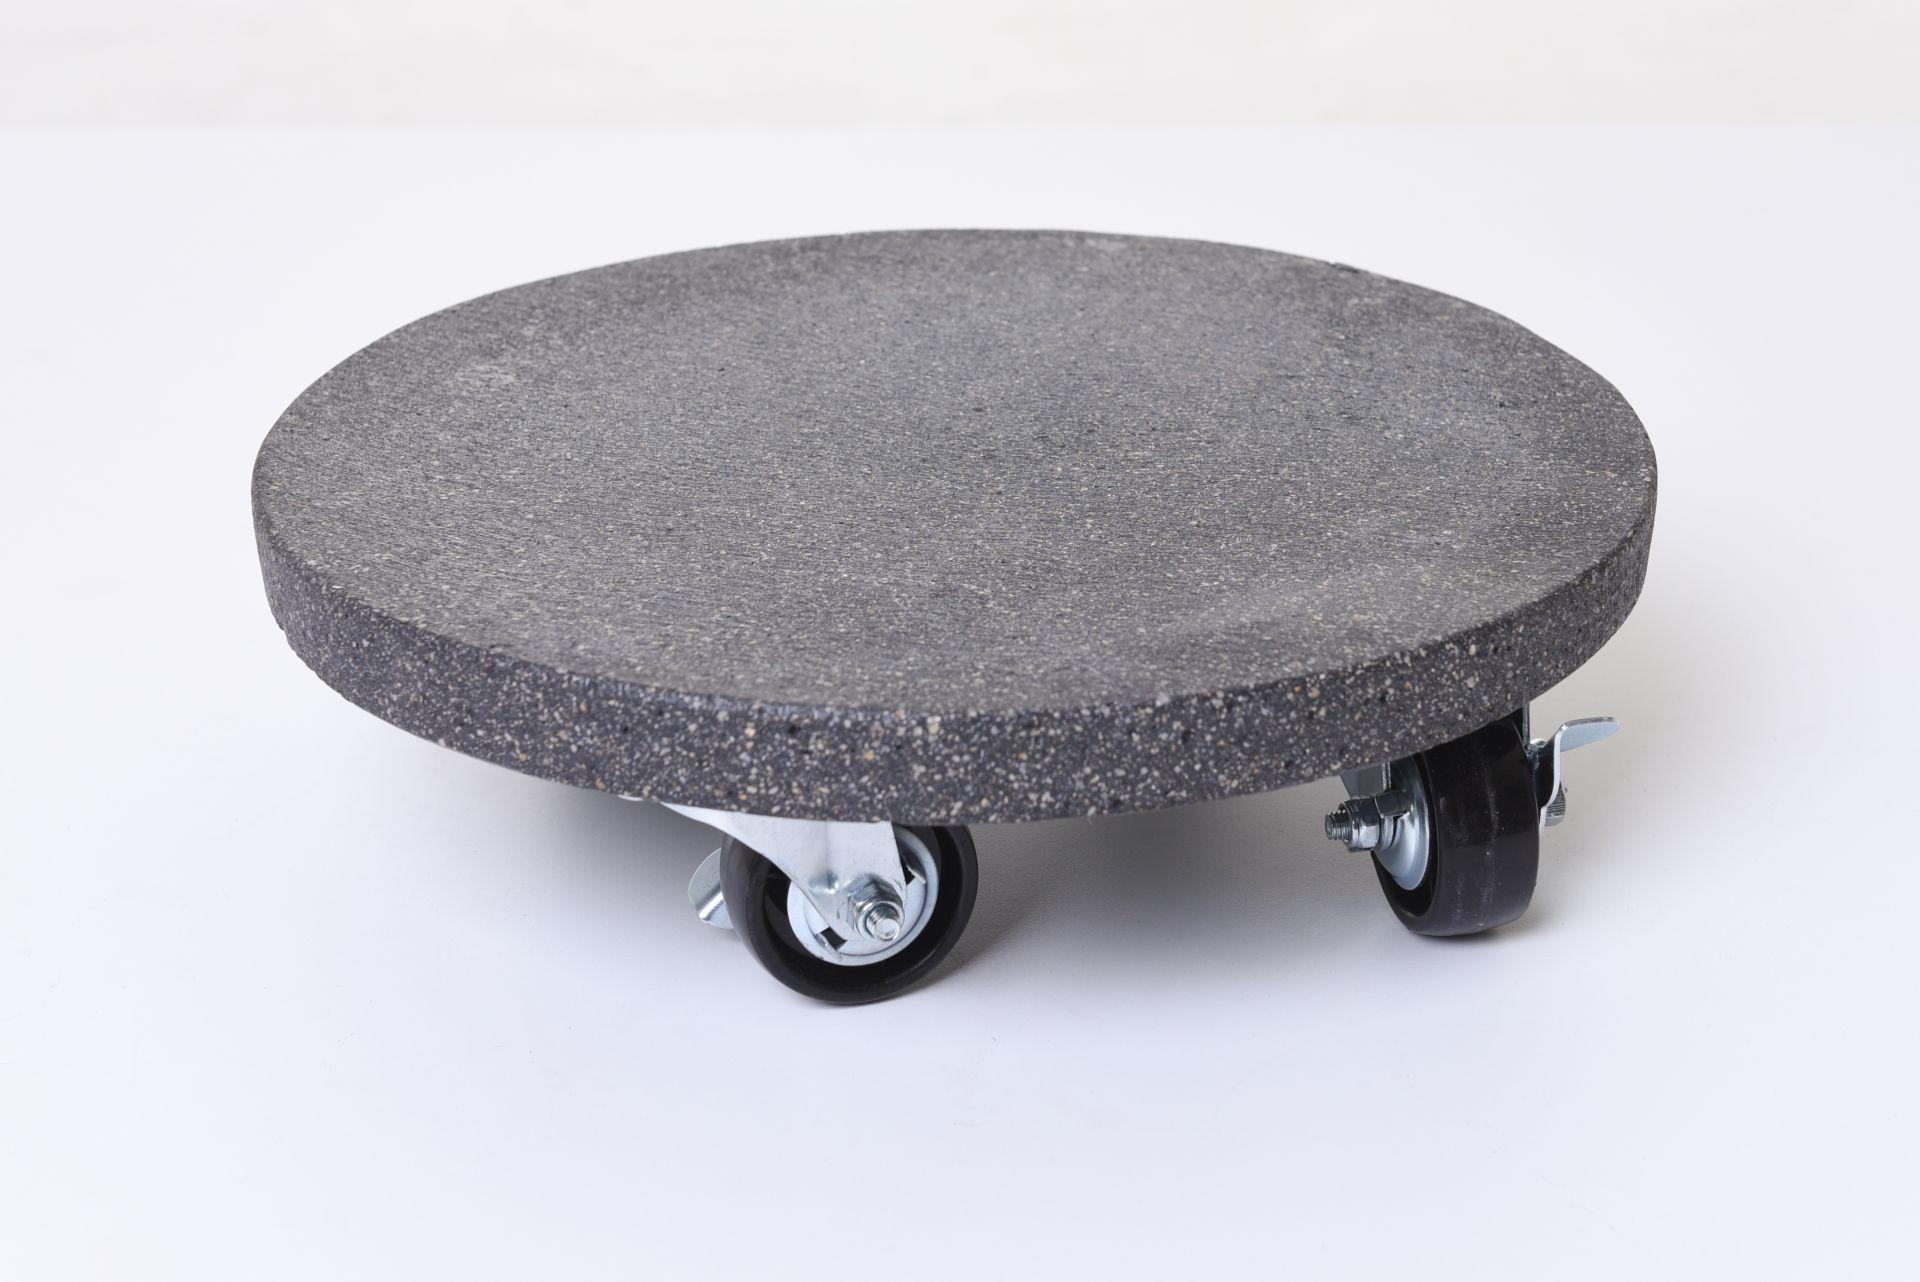 untersetzer mit rollen rund kunststein movo 29 cm anthrazit ebay. Black Bedroom Furniture Sets. Home Design Ideas